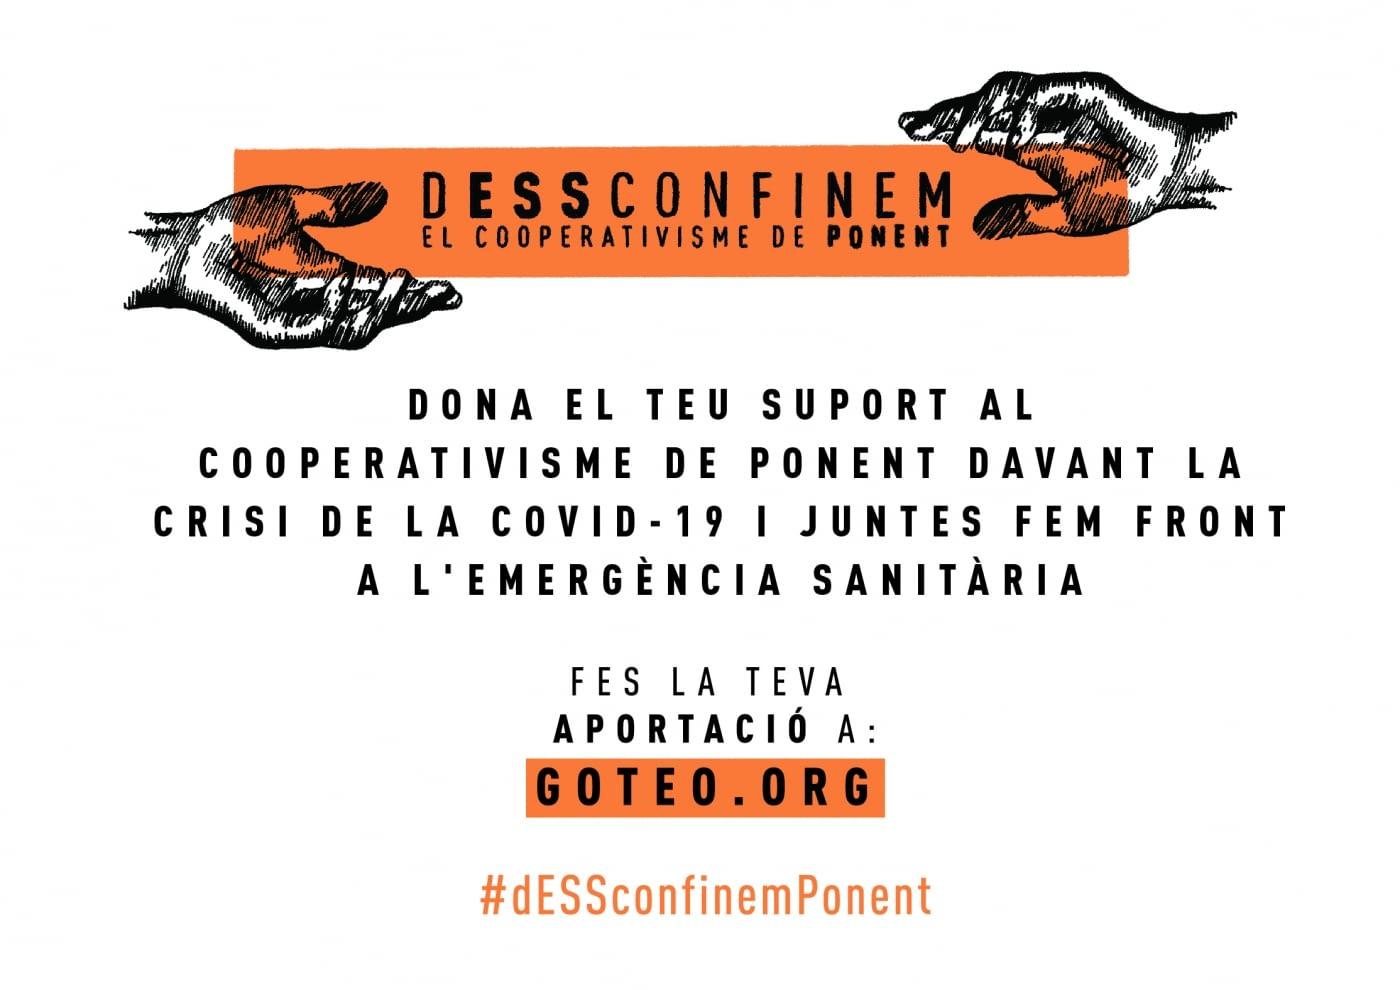 Ponent Coopera llança una campanya de micromecenatge per donar suport a les cooperatives de Ponent davant la crisi del Covid-19